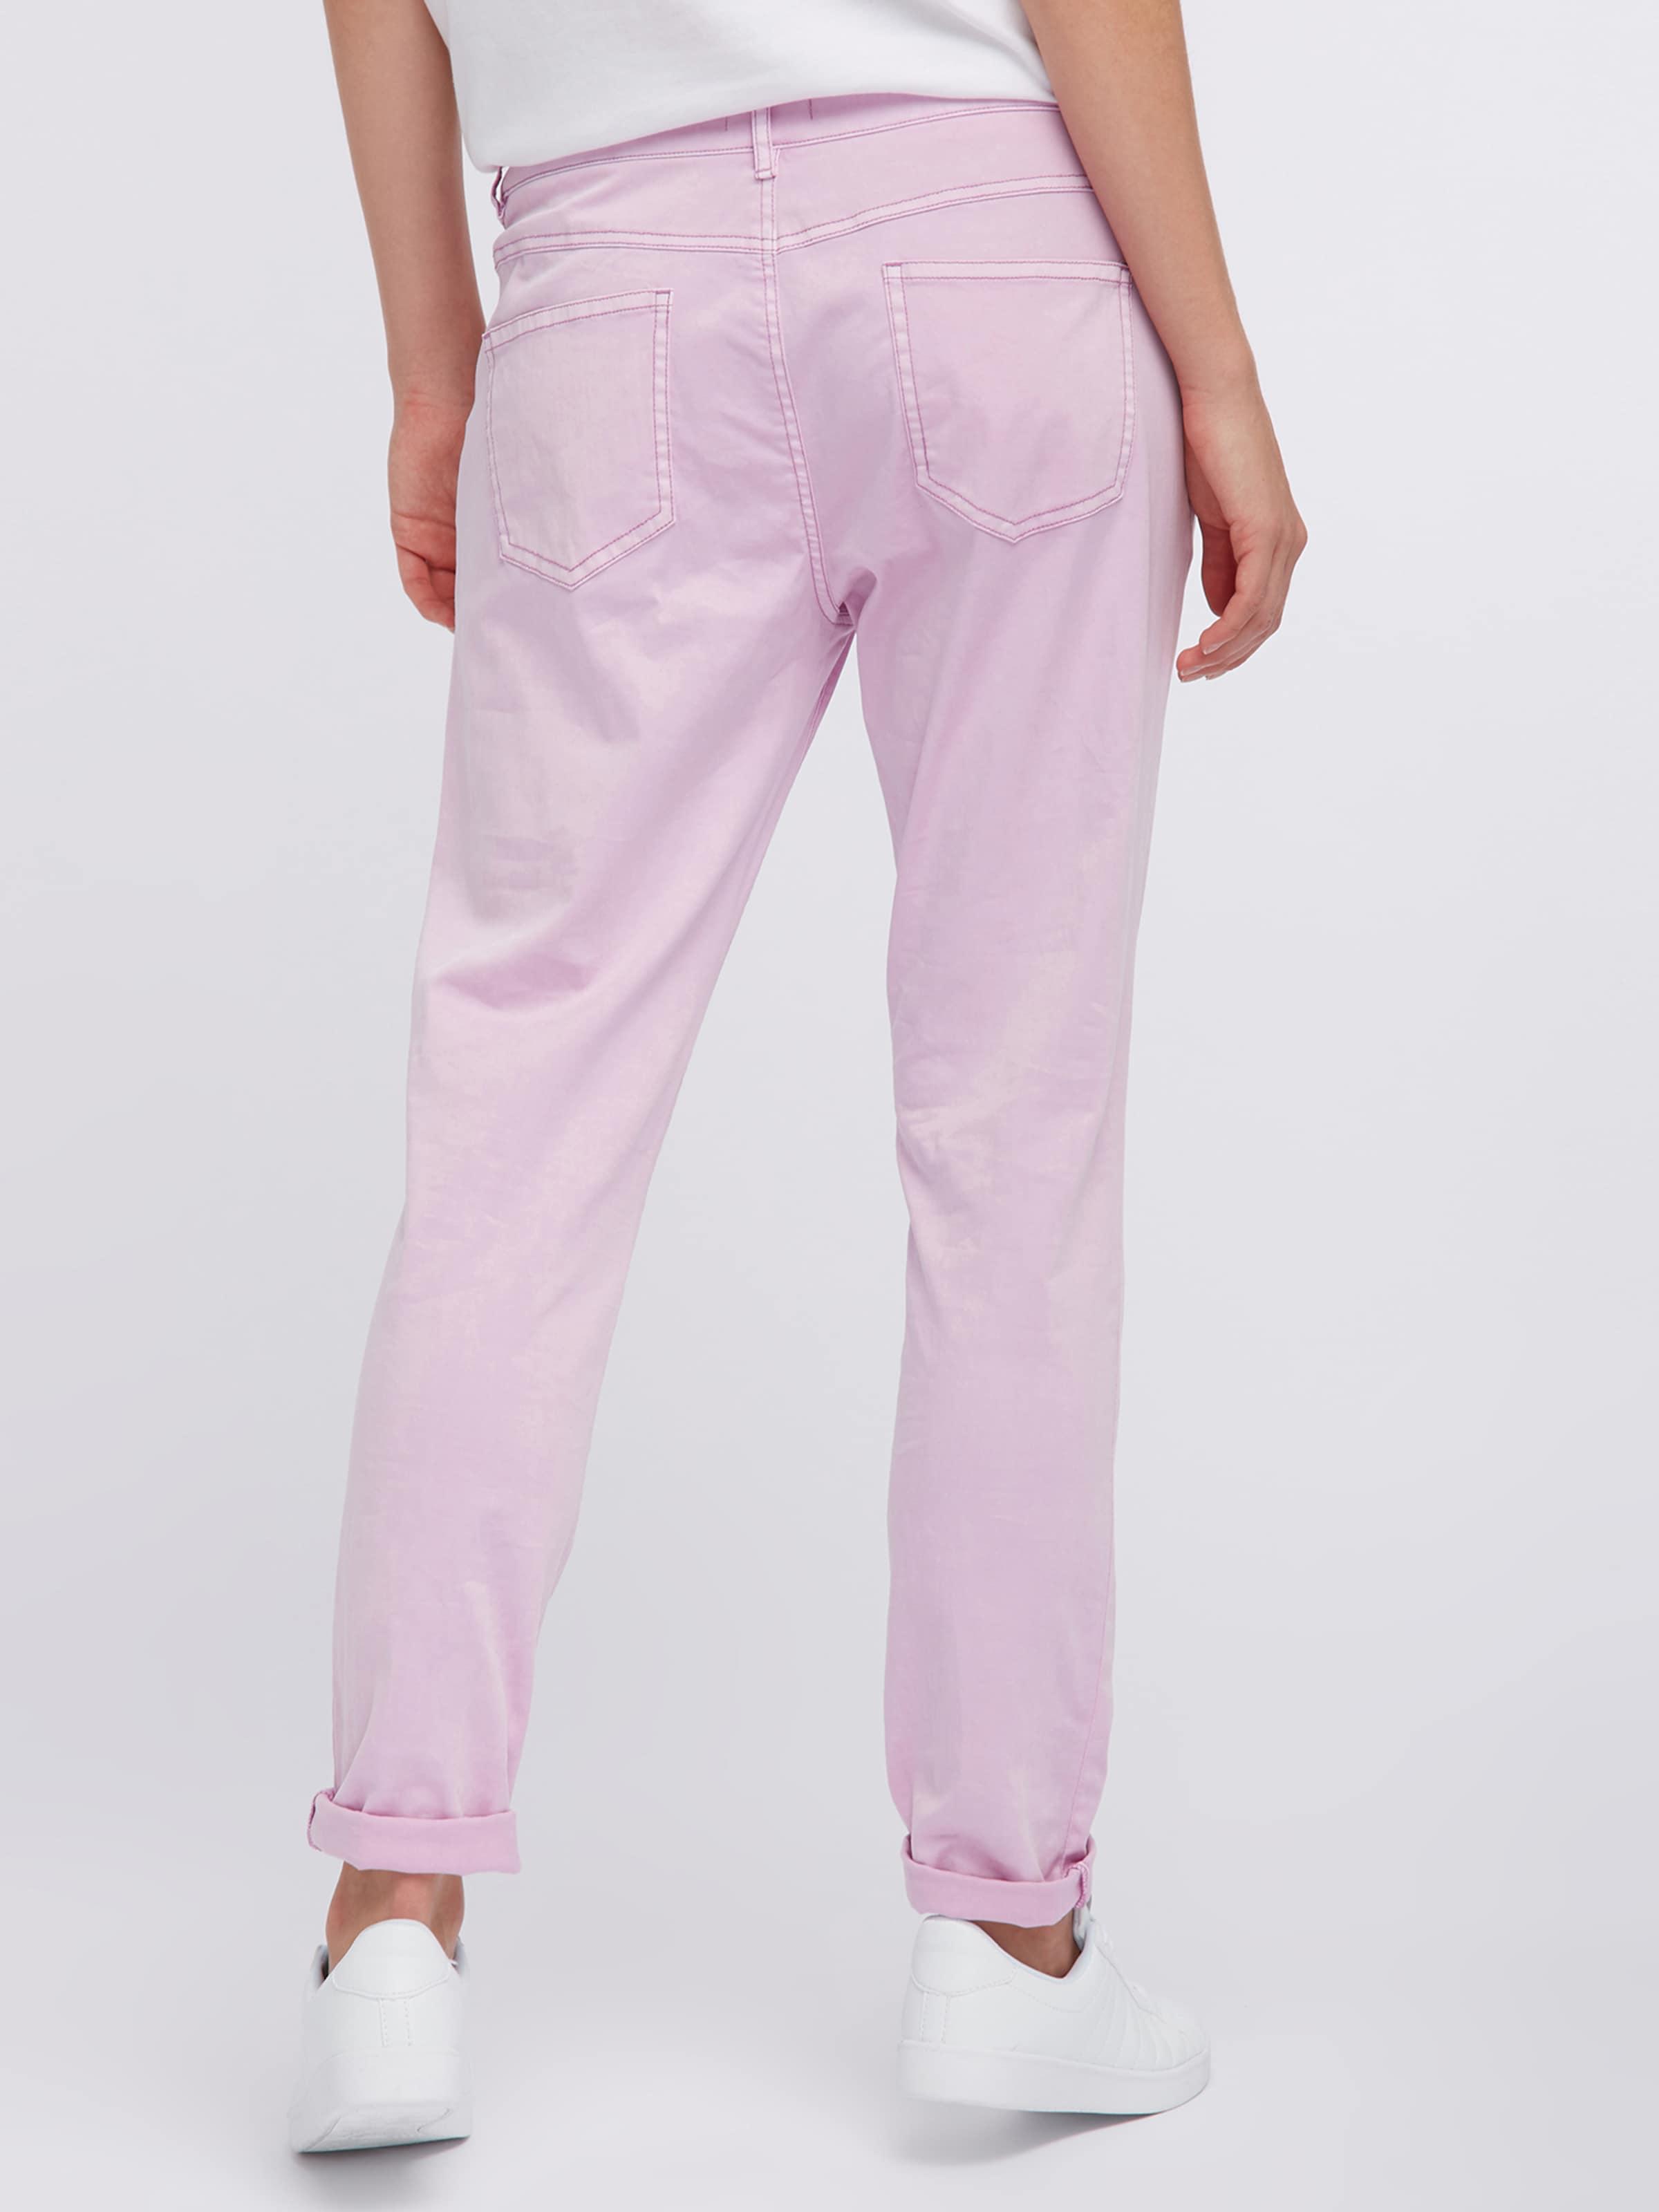 Pantalon Fashion En Rose Broadway 'amy' Nyc oeCdBrx